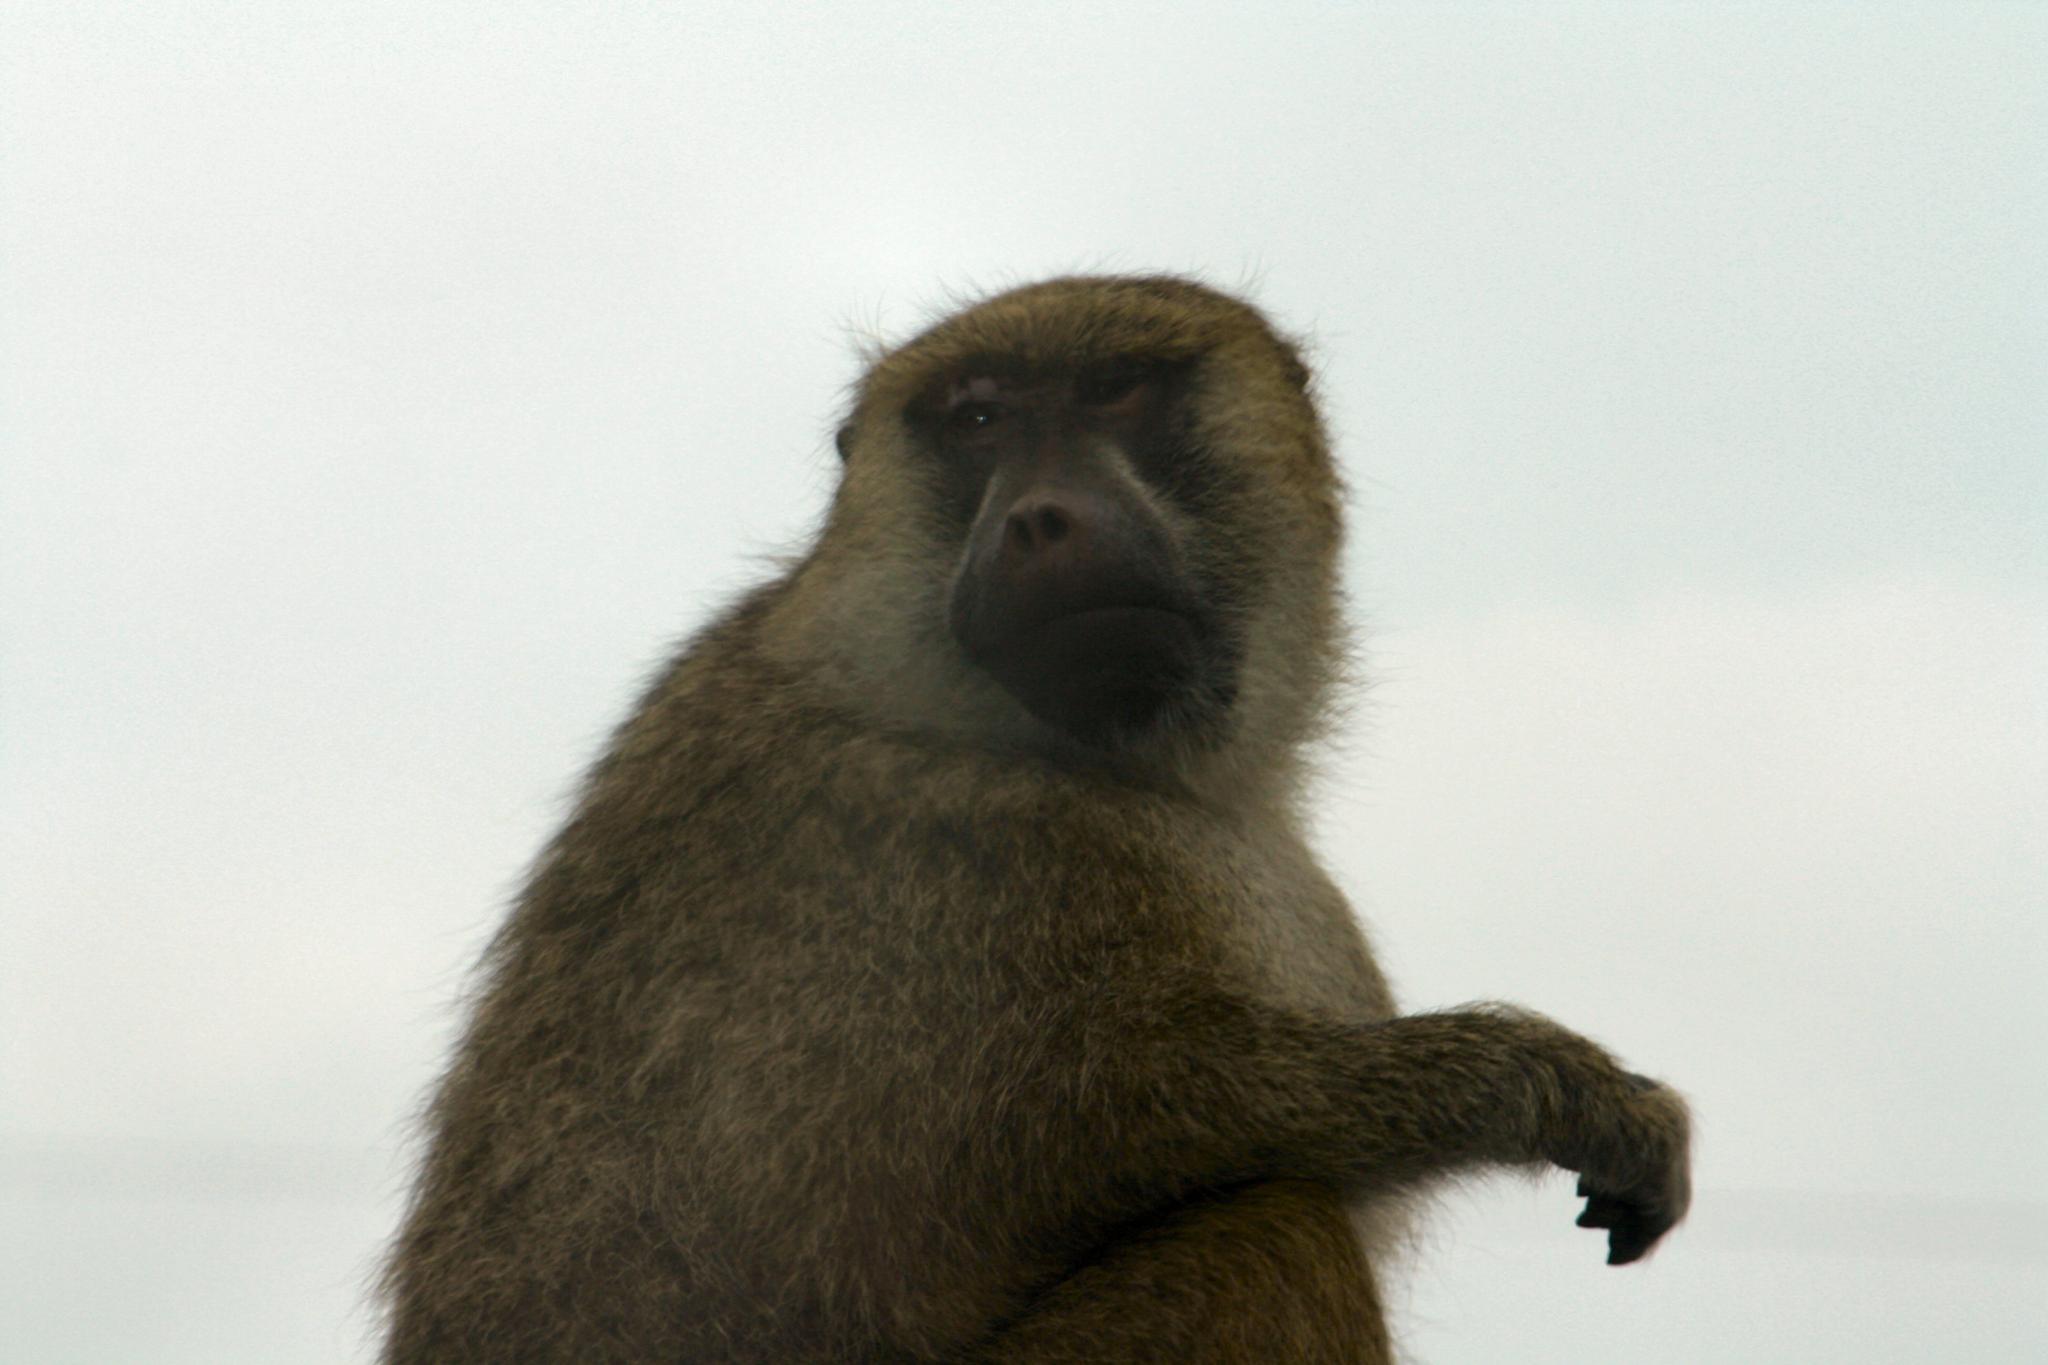 Baboon by lynettebp